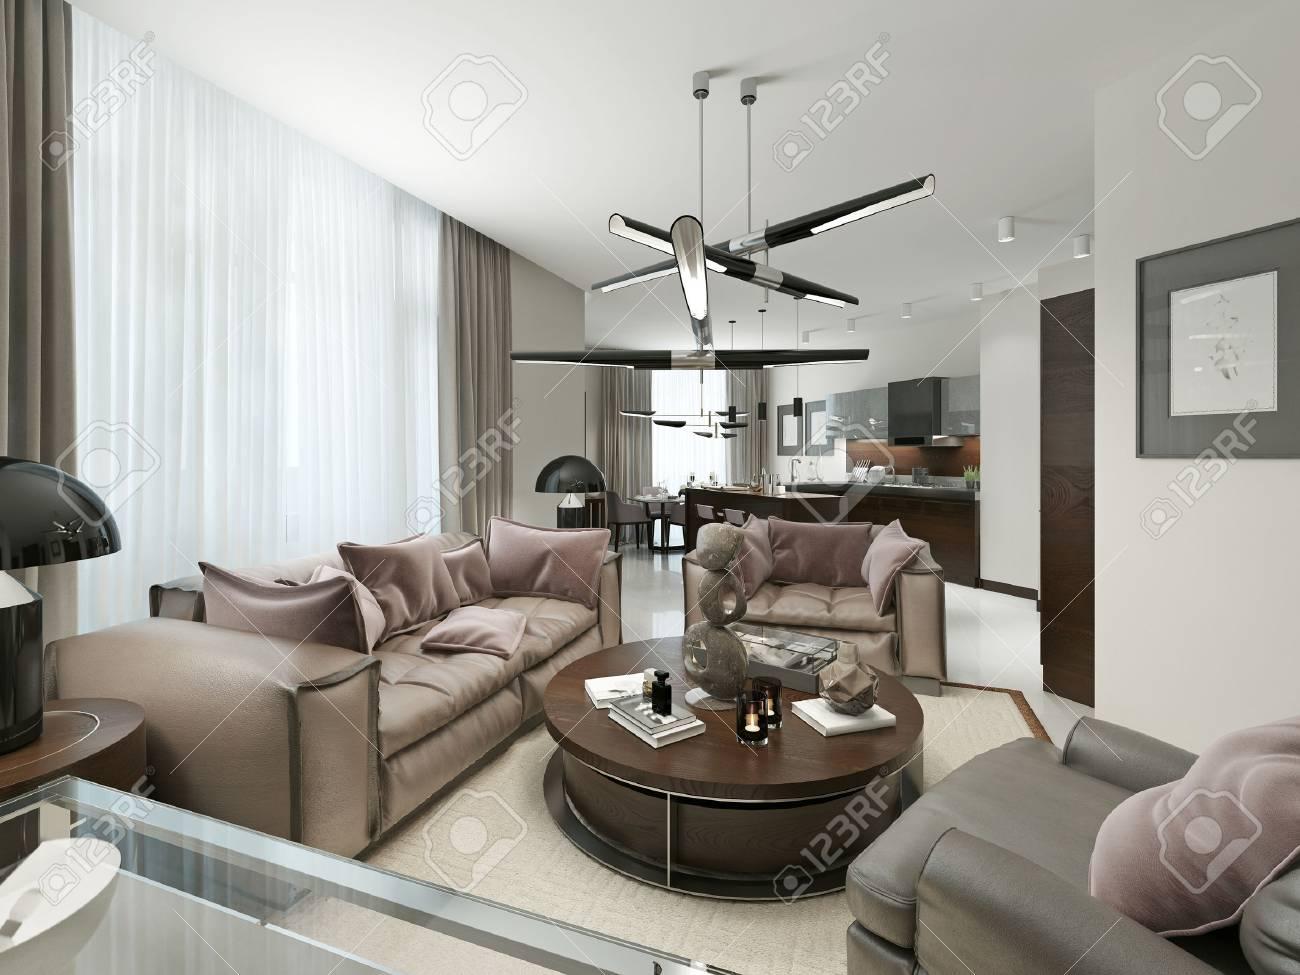 Estudio De Habitaciones Con Un Diseño Moderno. Con Sala De Estar ...